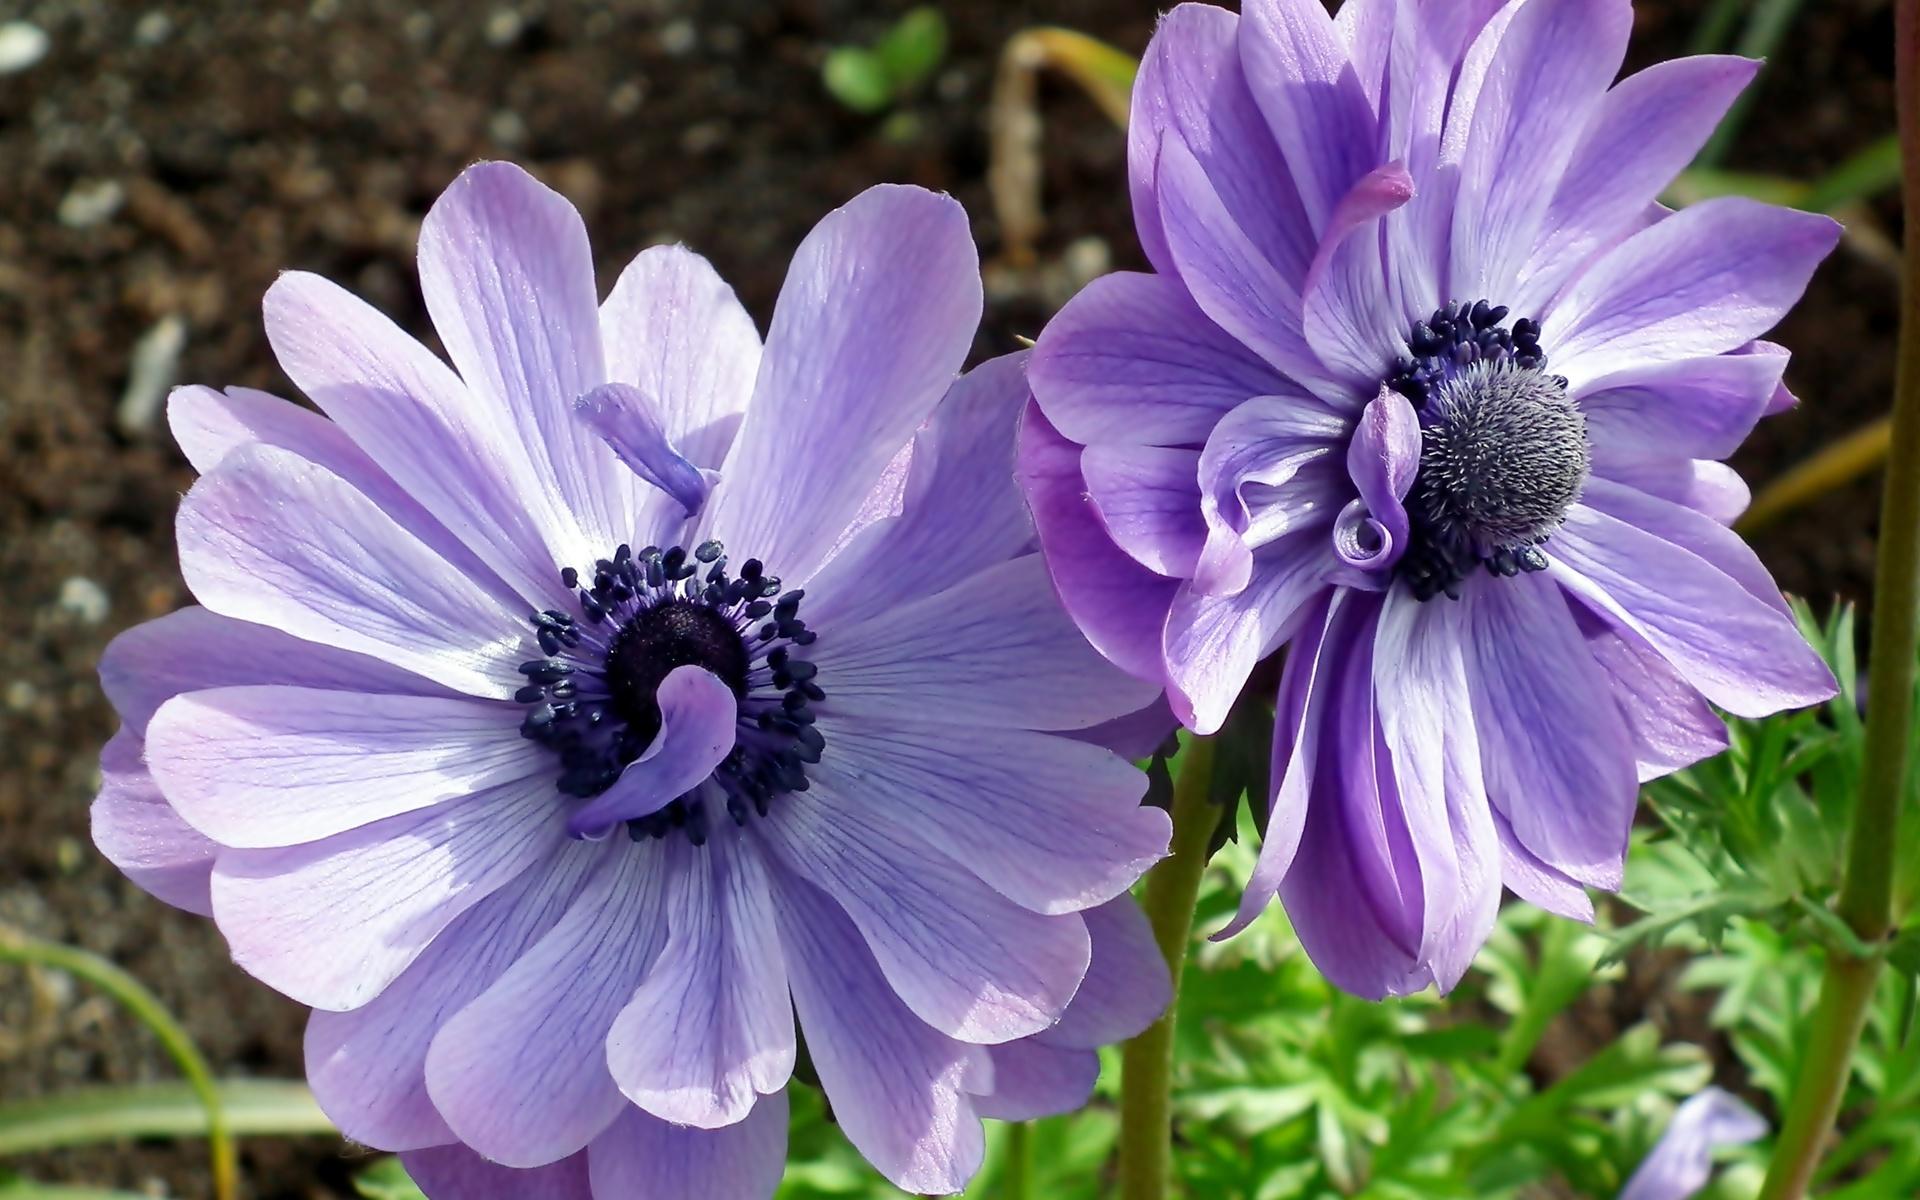 два, синих, цветка, анемоны